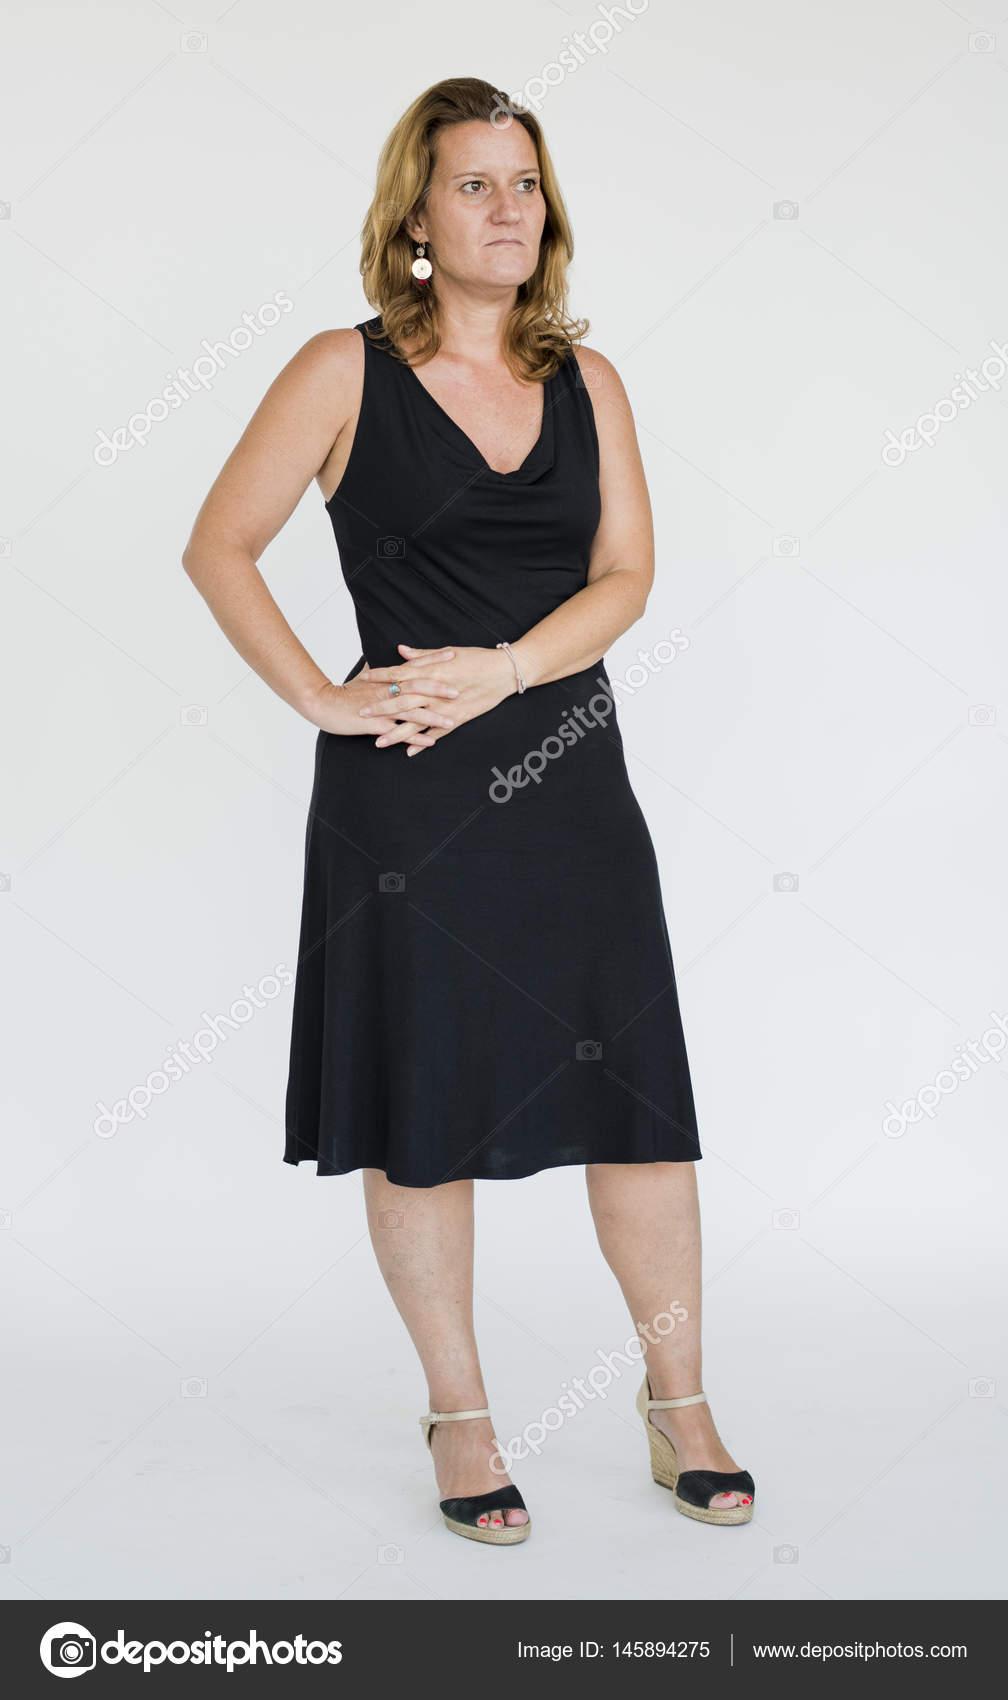 Mujer Madura Con Vestido Foto De Stock Rawpixel 145894275